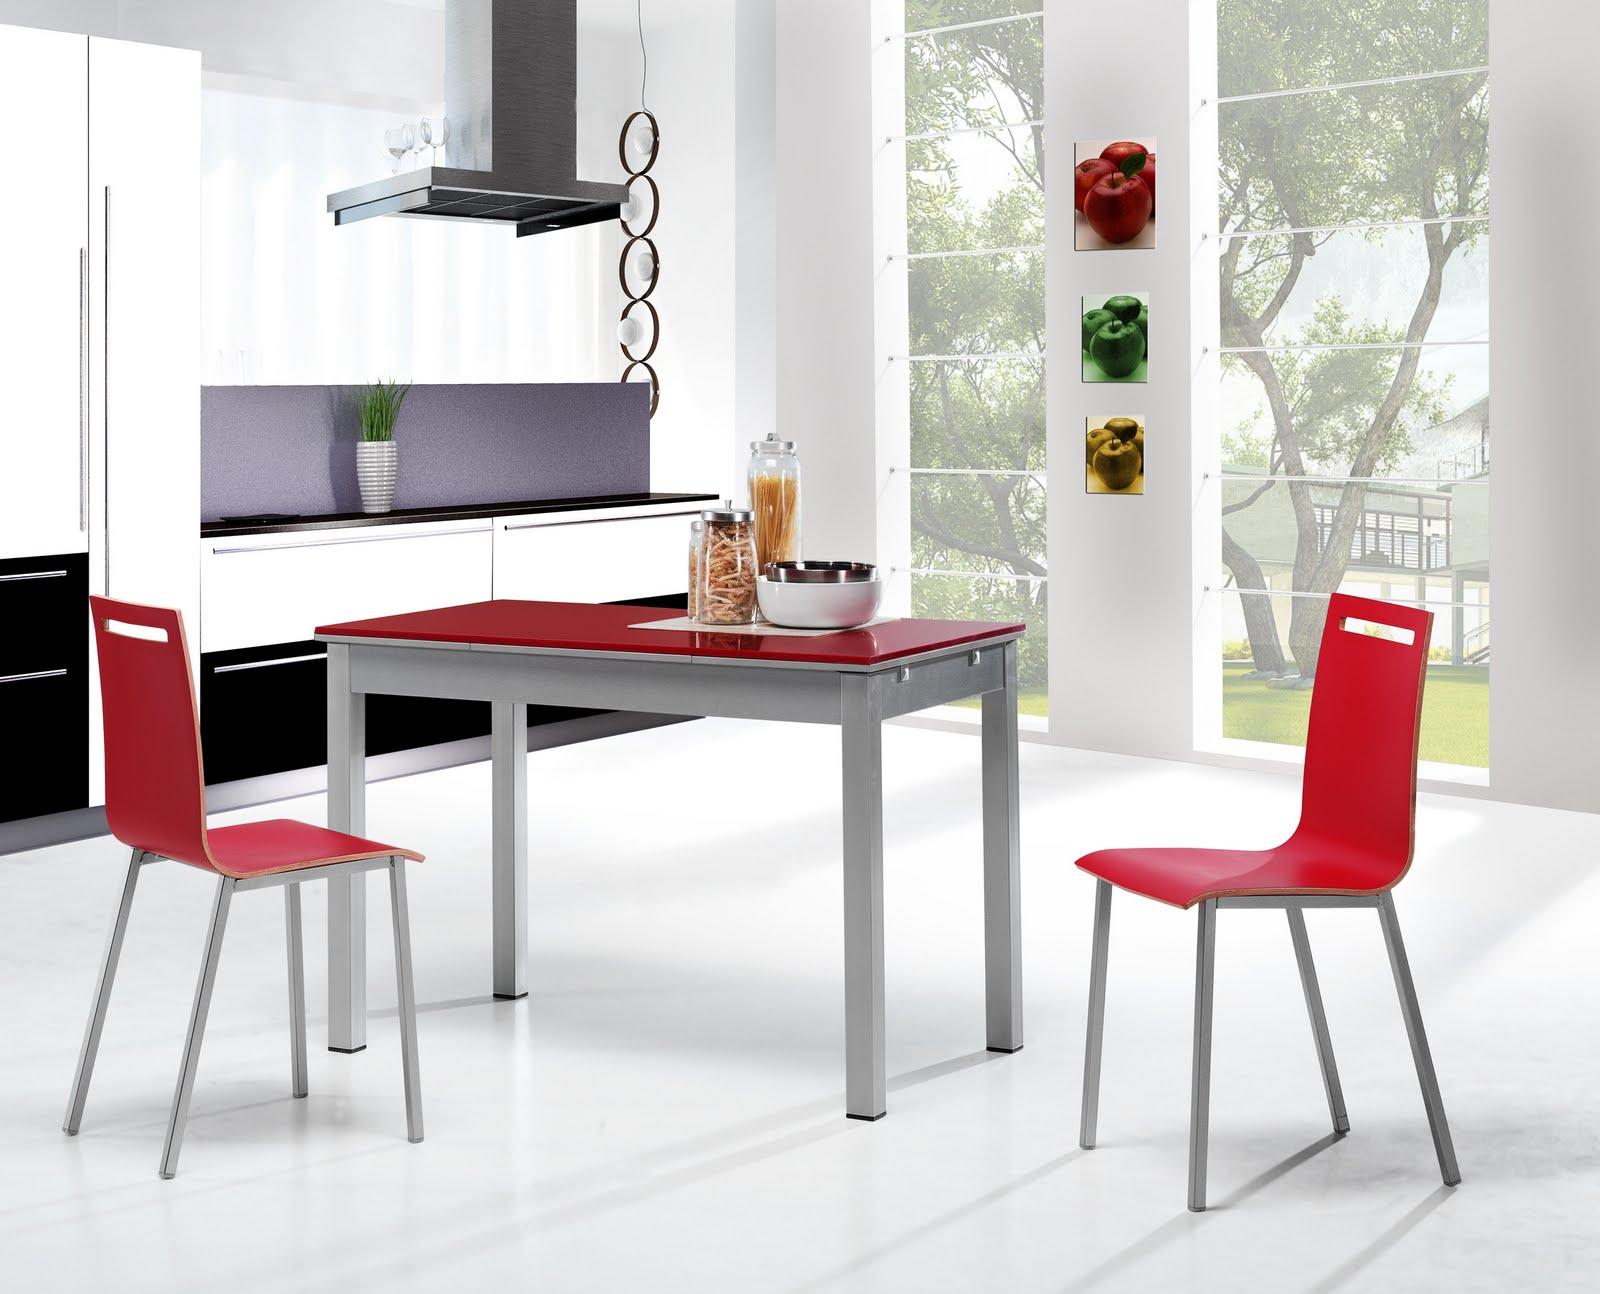 Dise o y decoraci n de cocinas novedades en sillas y - Mesas de cocina y sillas ...